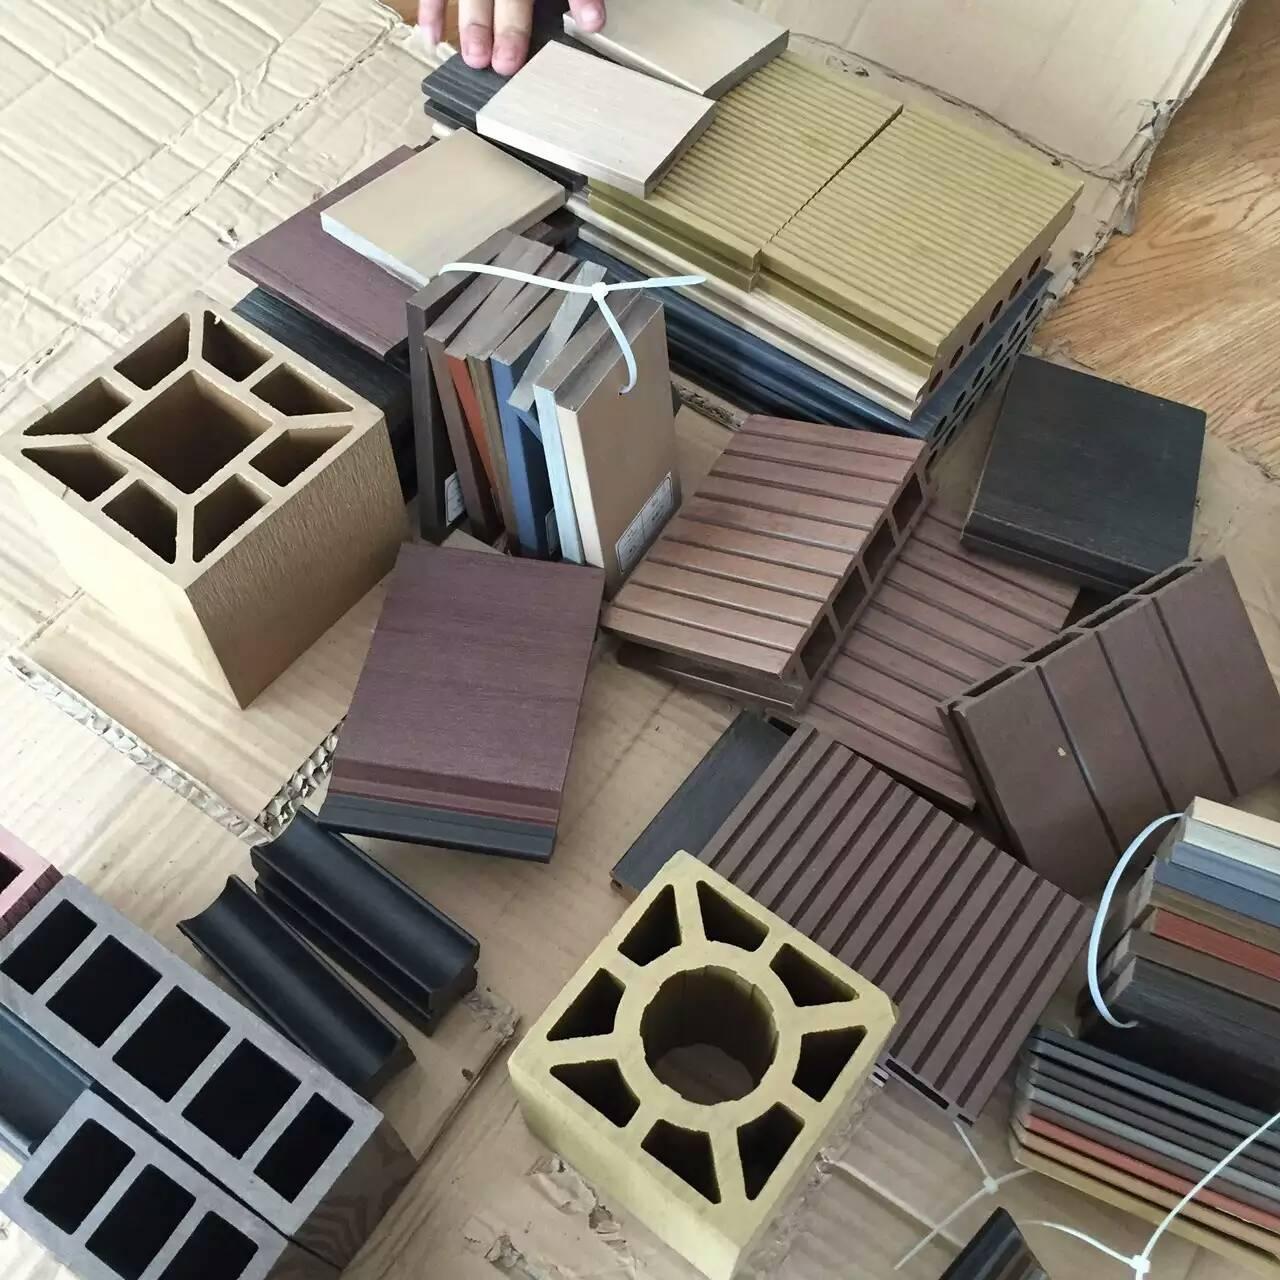 wpc terrace board mould/wpc gazebo mould